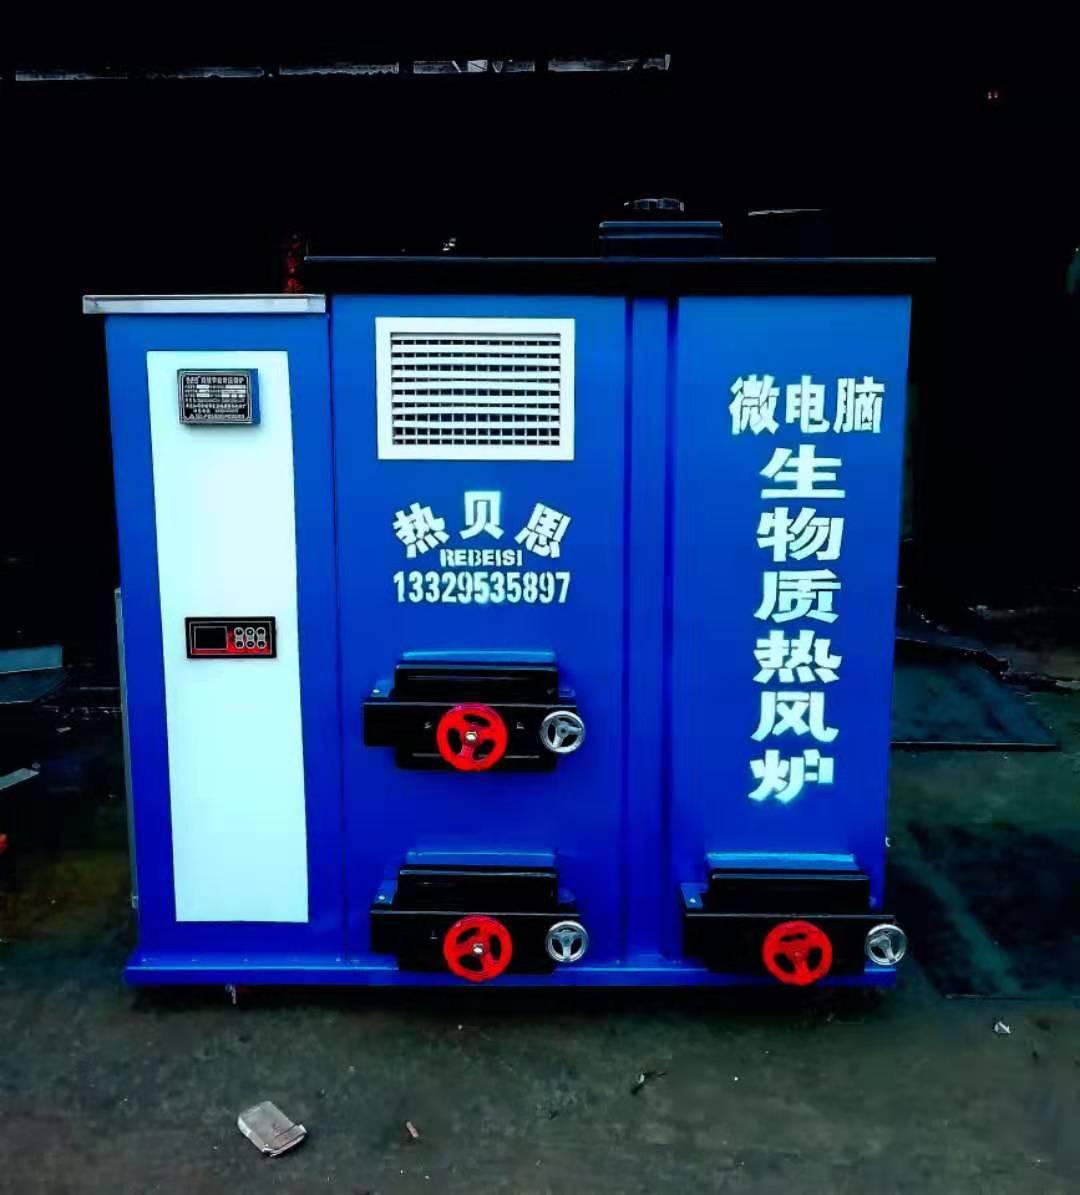 牡丹江节能环保锅炉厂家|牡丹江颗粒锅炉哪家好-军冬锅炉